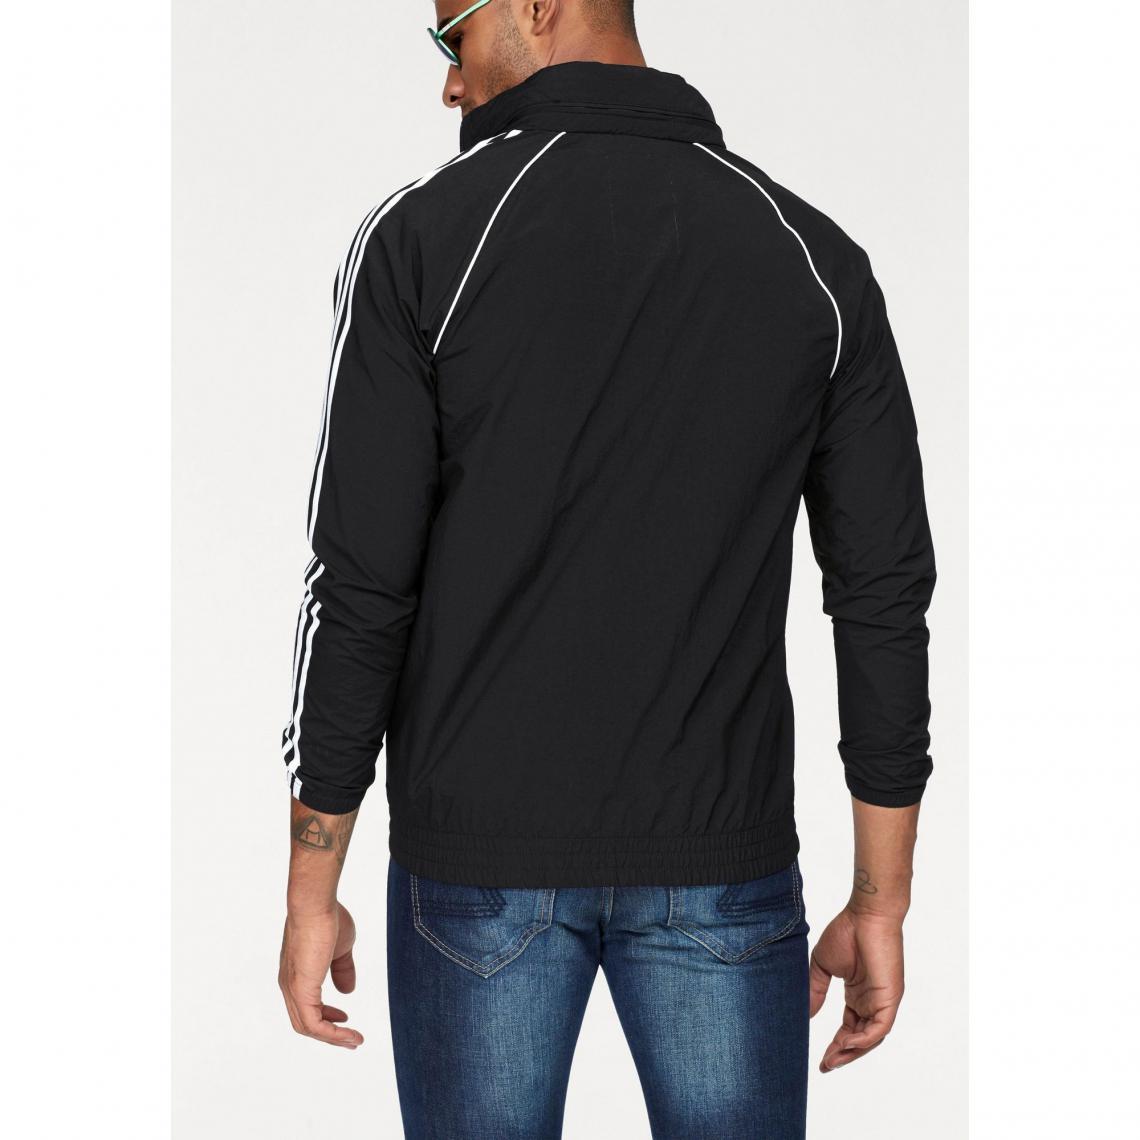 3c254d7897318 Veste zippée coupe-vent à capuche homme adidas Originals - Noir | 3 ...